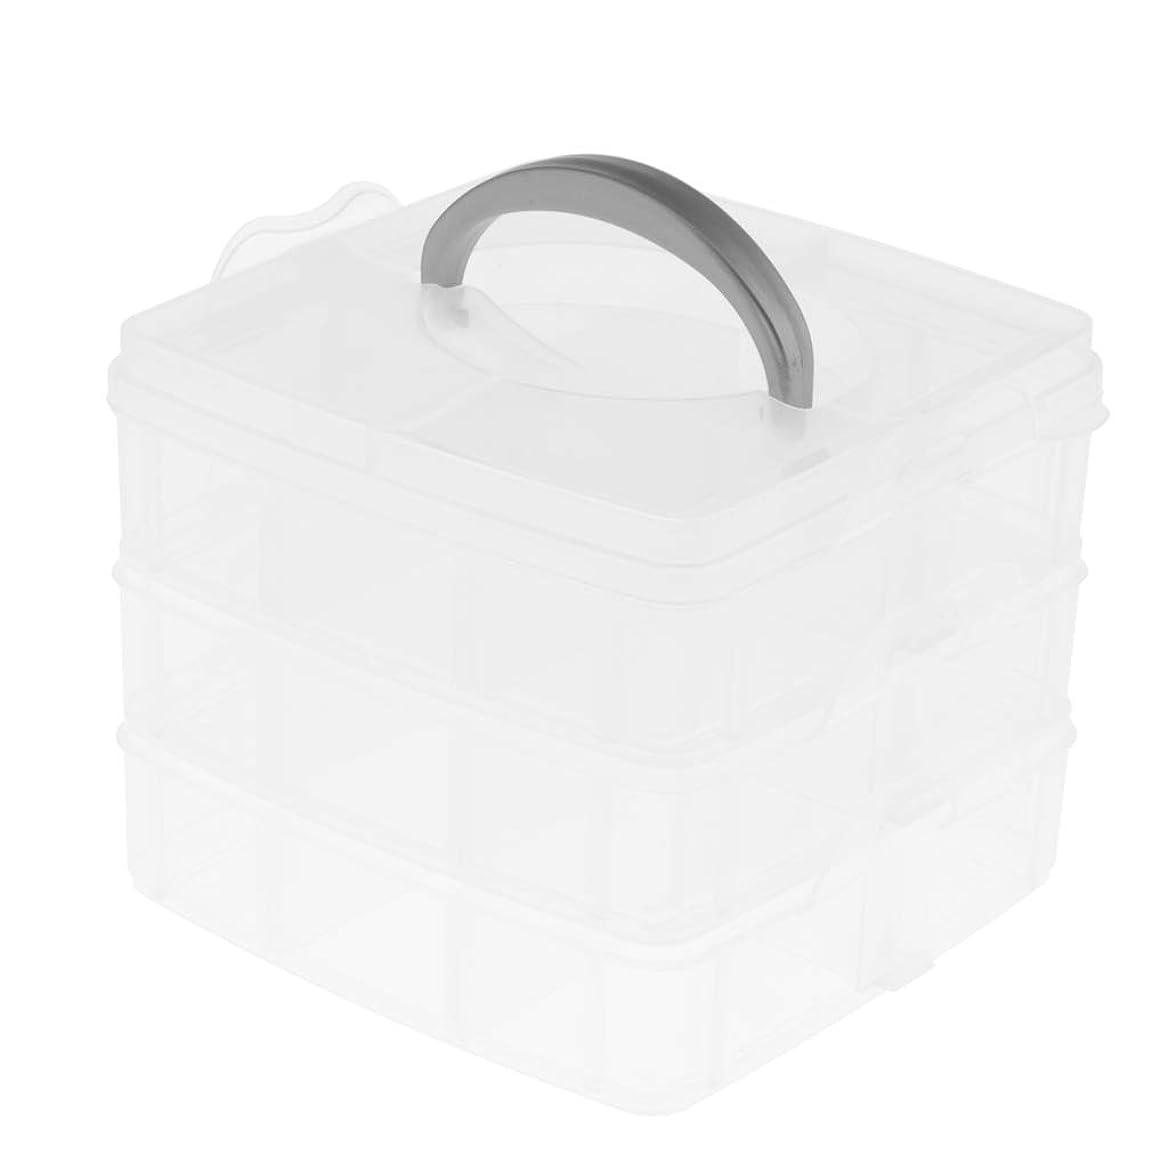 肺炎茎刃P Prettyia 透明 収納箱 ビルディング ブロック 収納ボックス おもちゃ収納ボックス プラスチックボックス 3層